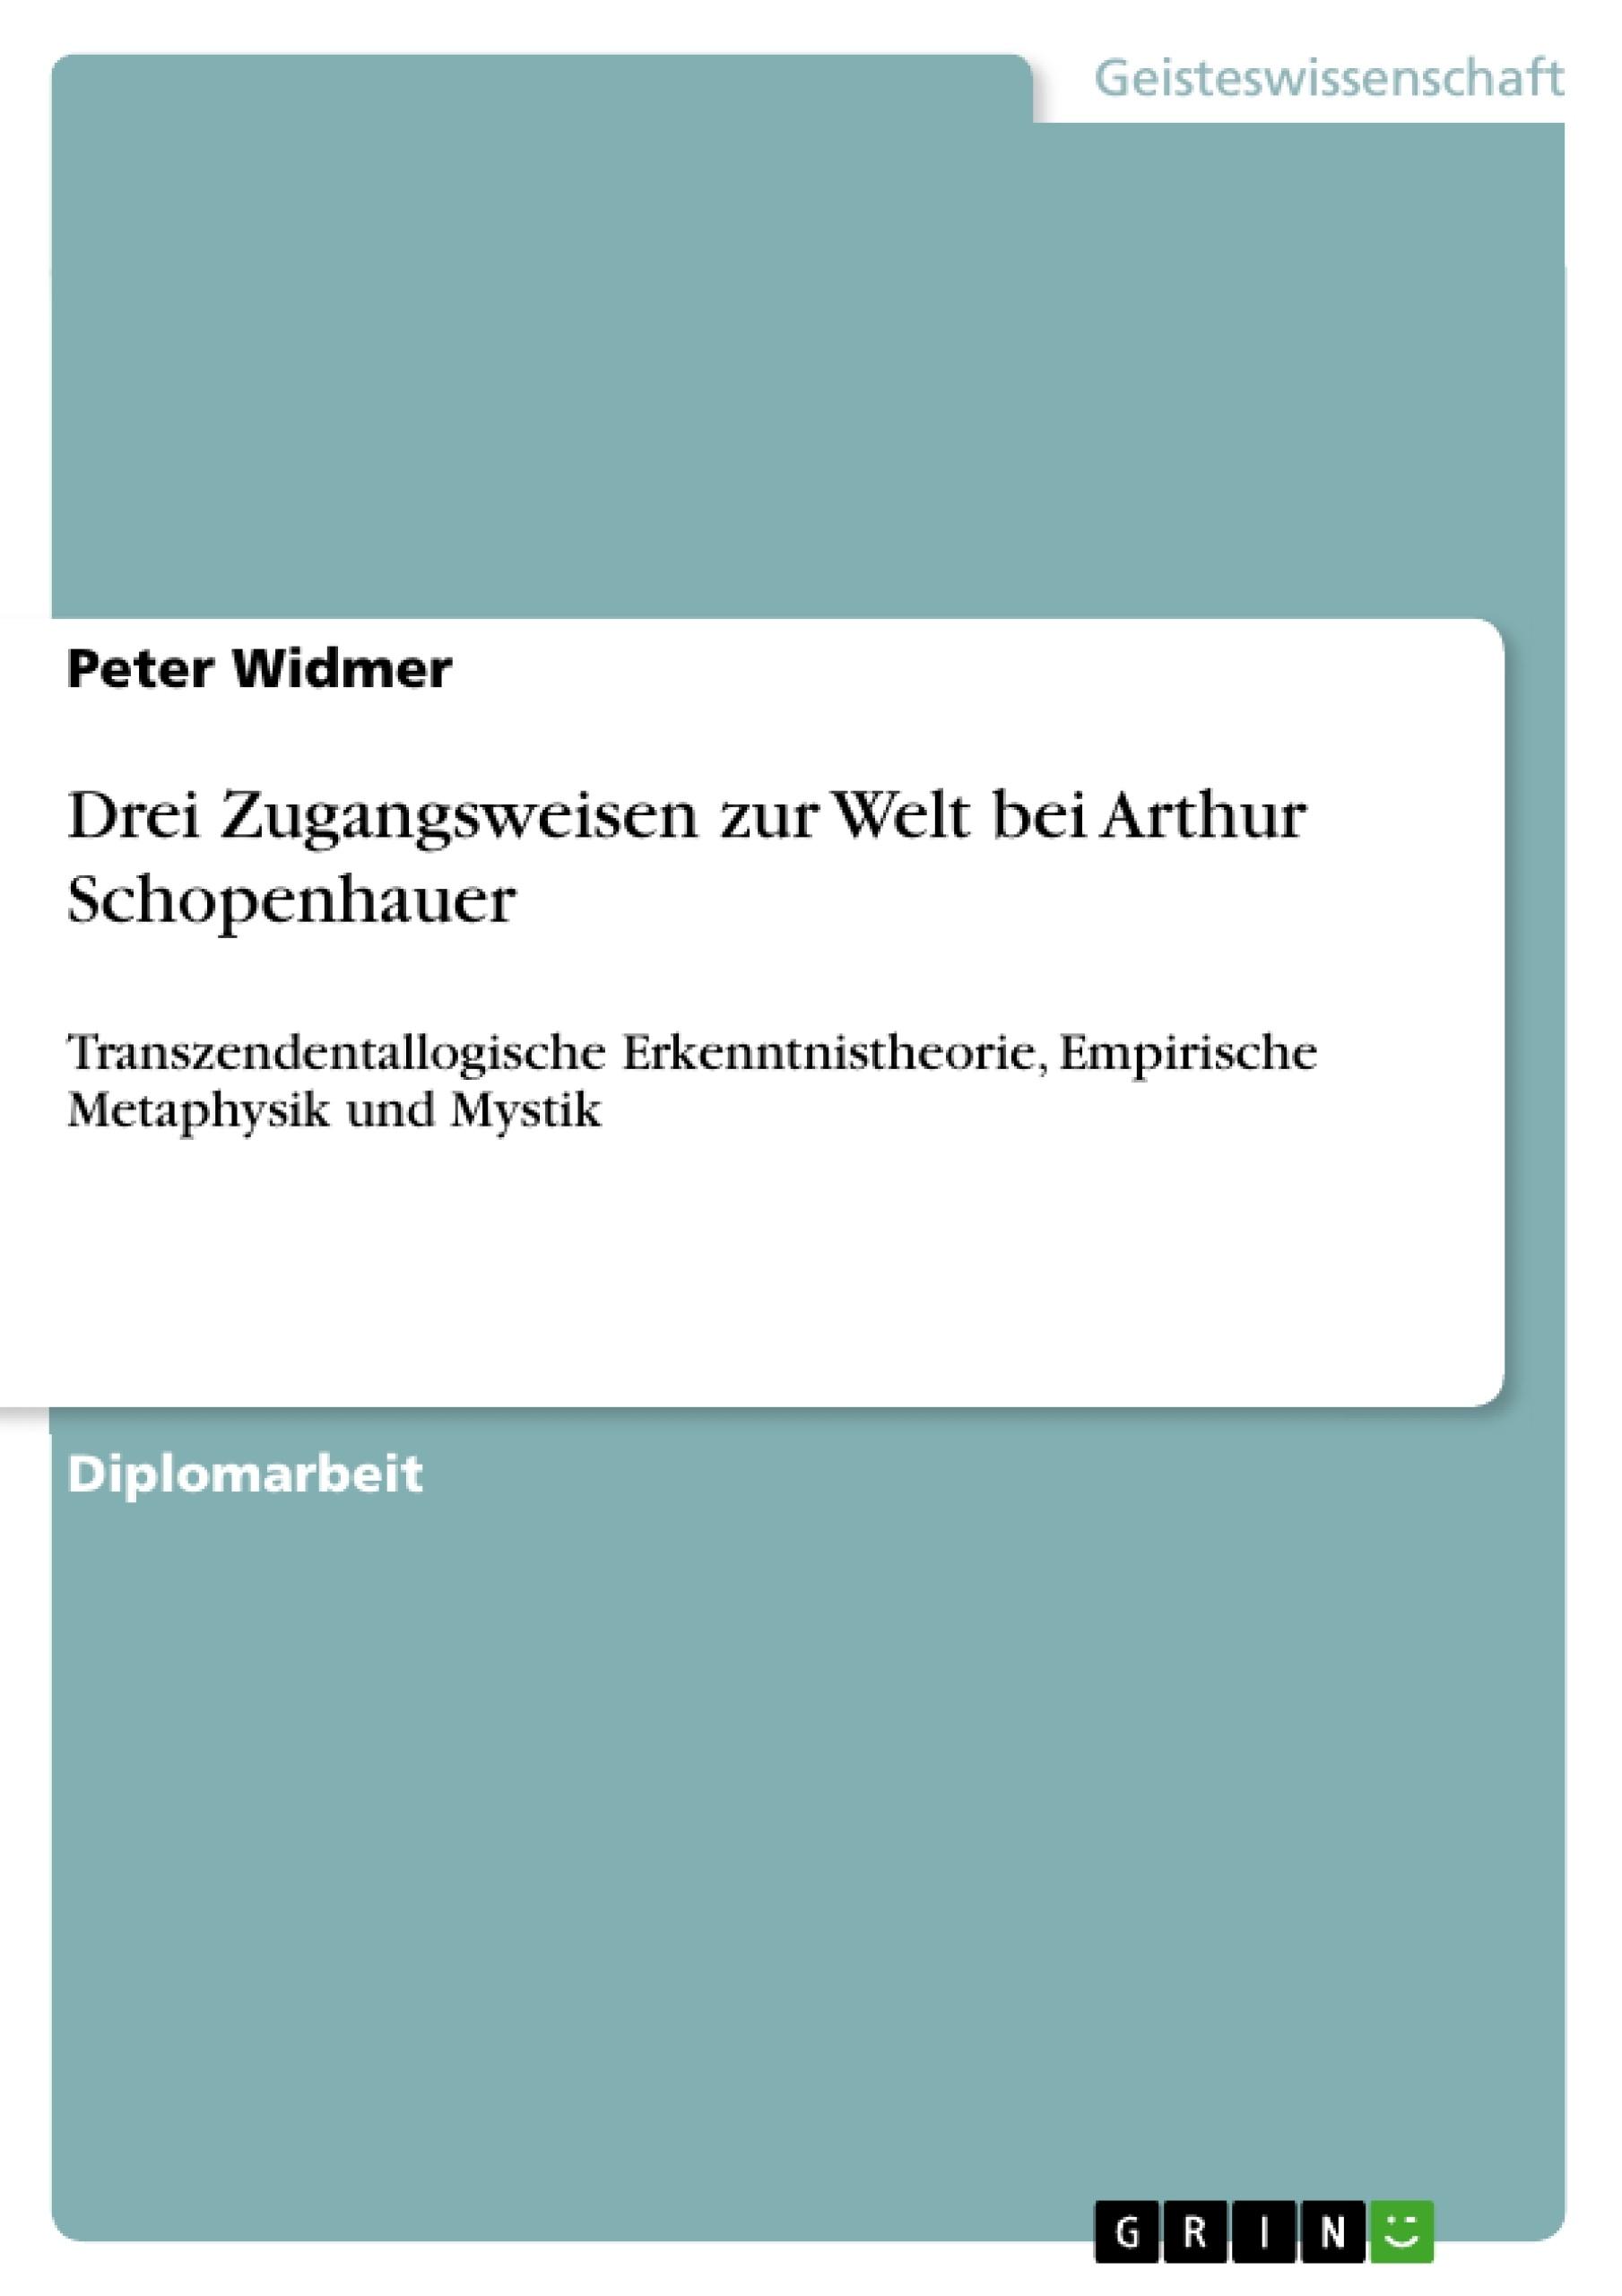 Titel: Drei Zugangsweisen zur Welt bei Arthur Schopenhauer